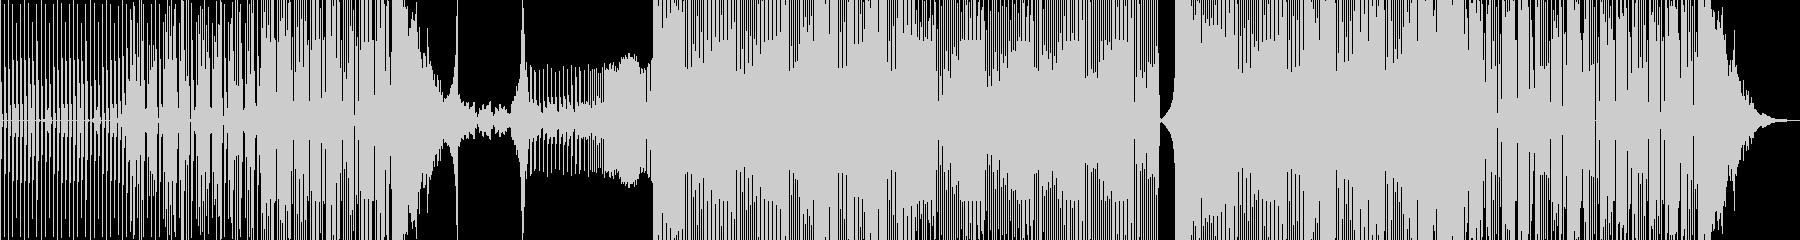 エレクトロハウス。マニアック。ファ...の未再生の波形